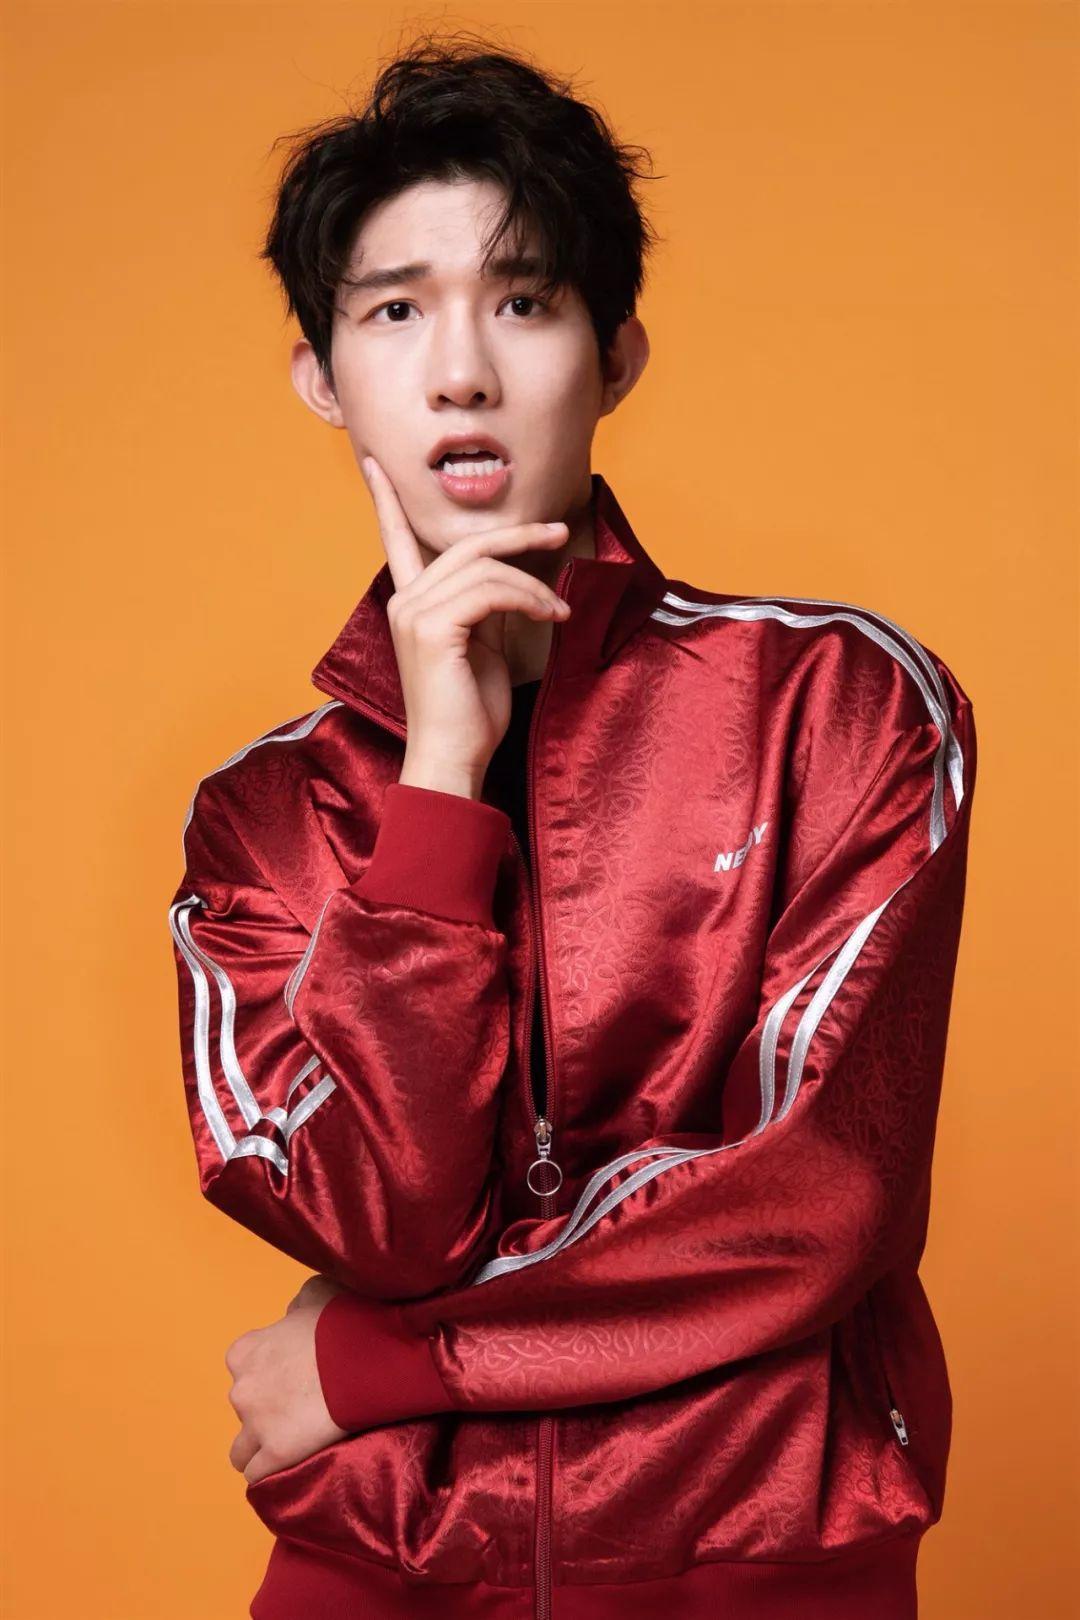 中国传媒大学的新晋小鲜肉~【微博:惠灵顿男孩】